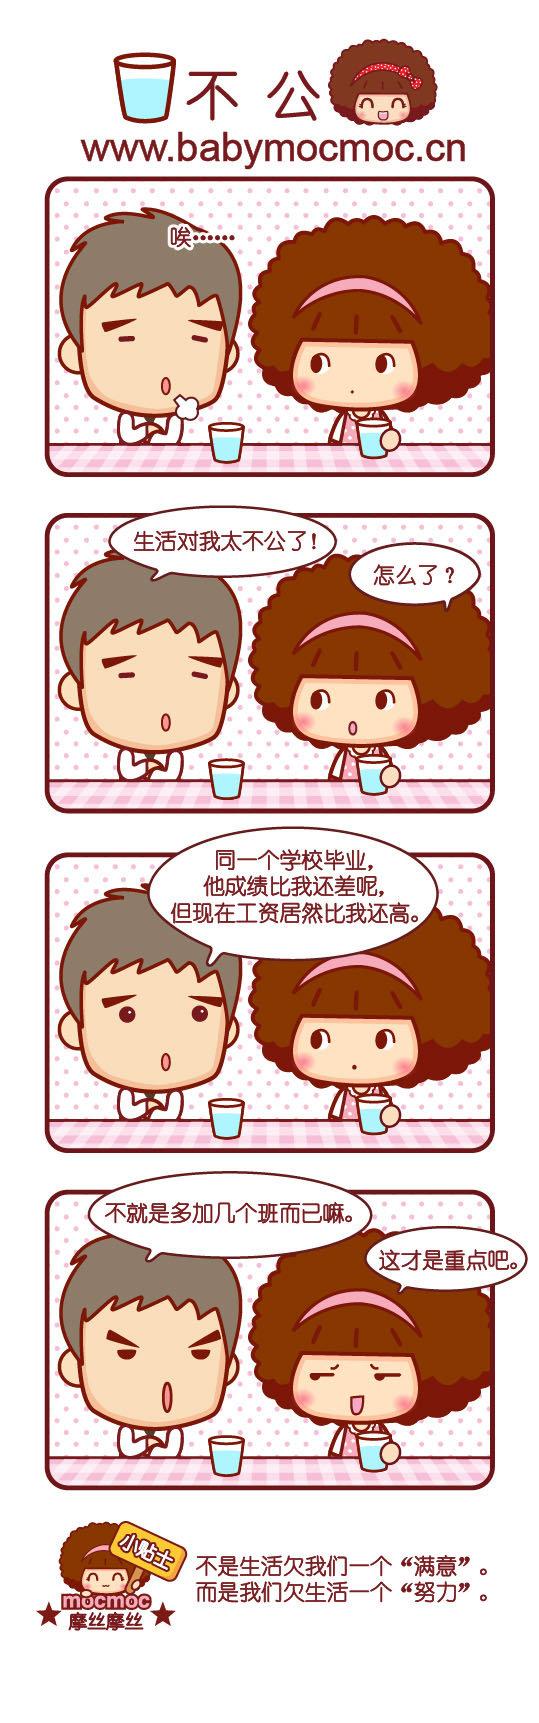 摩丝摩丝漫画~2月